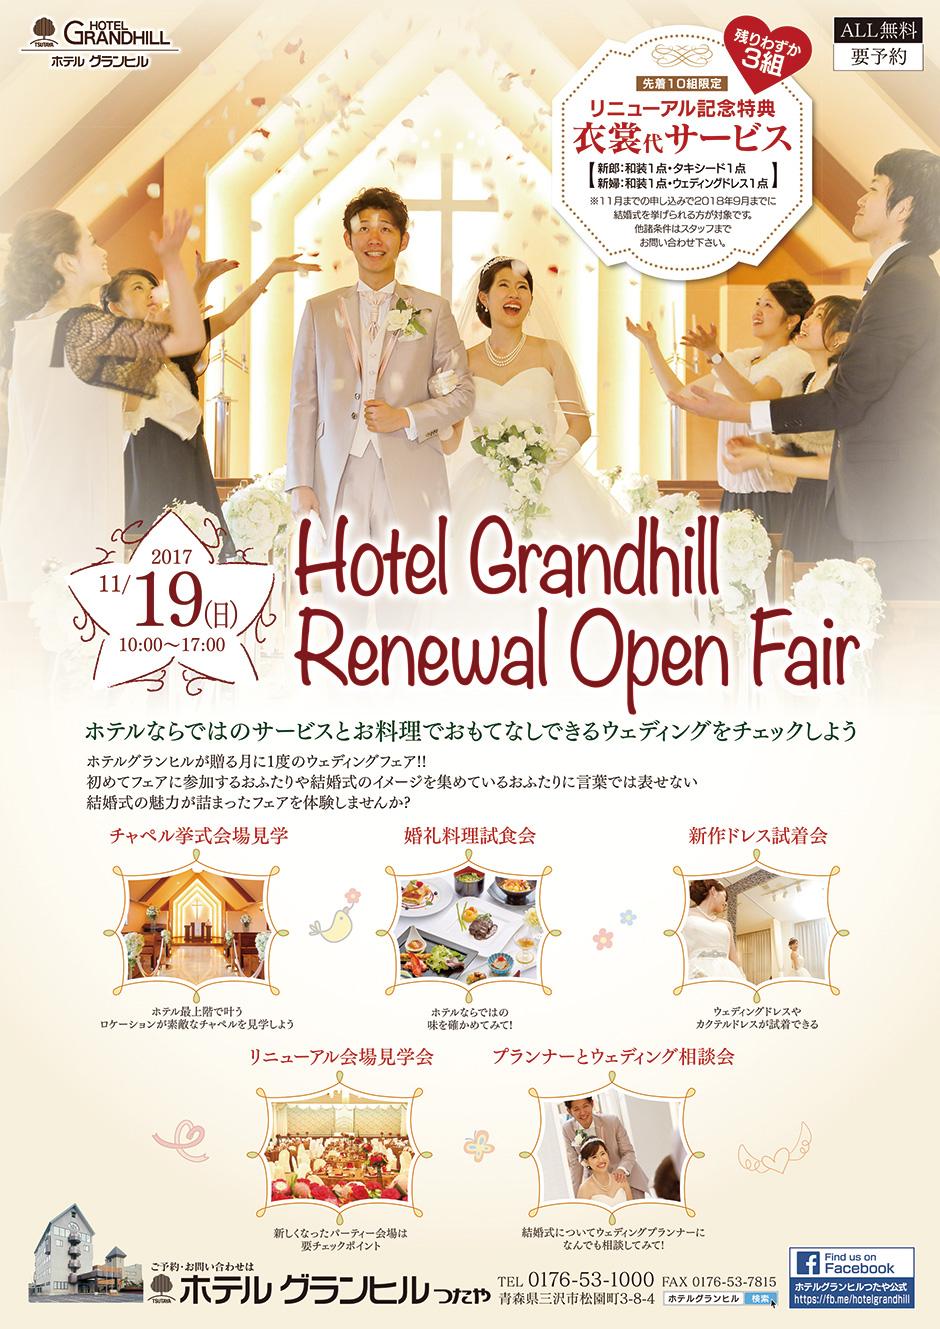 ホテルグランヒル リニューアル オープンフェア